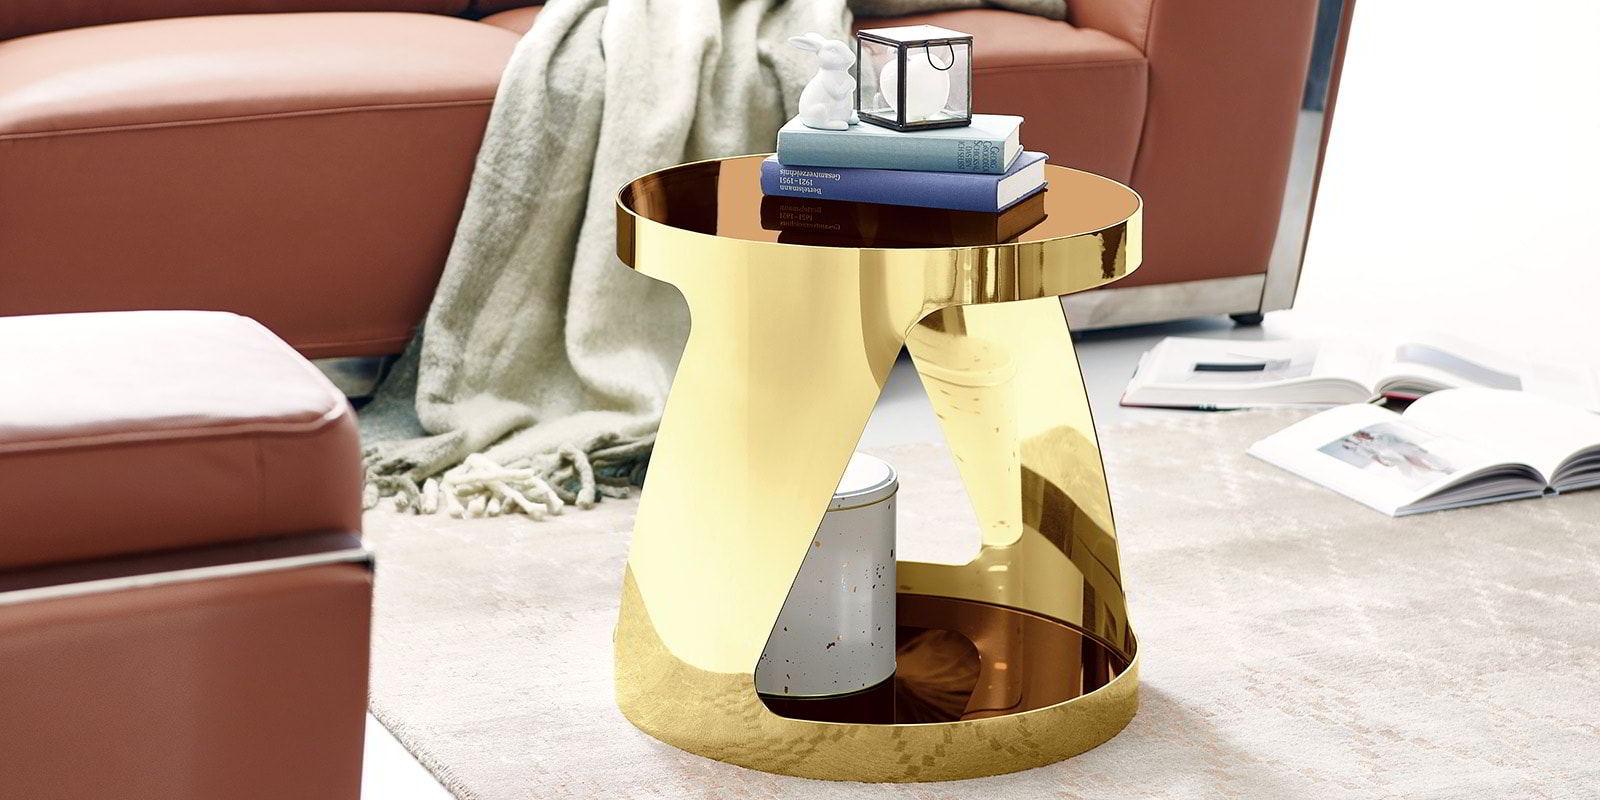 beistelltisch chrom rund gold kairo glastisch wohnzimmer glas tisch designer ebay. Black Bedroom Furniture Sets. Home Design Ideas